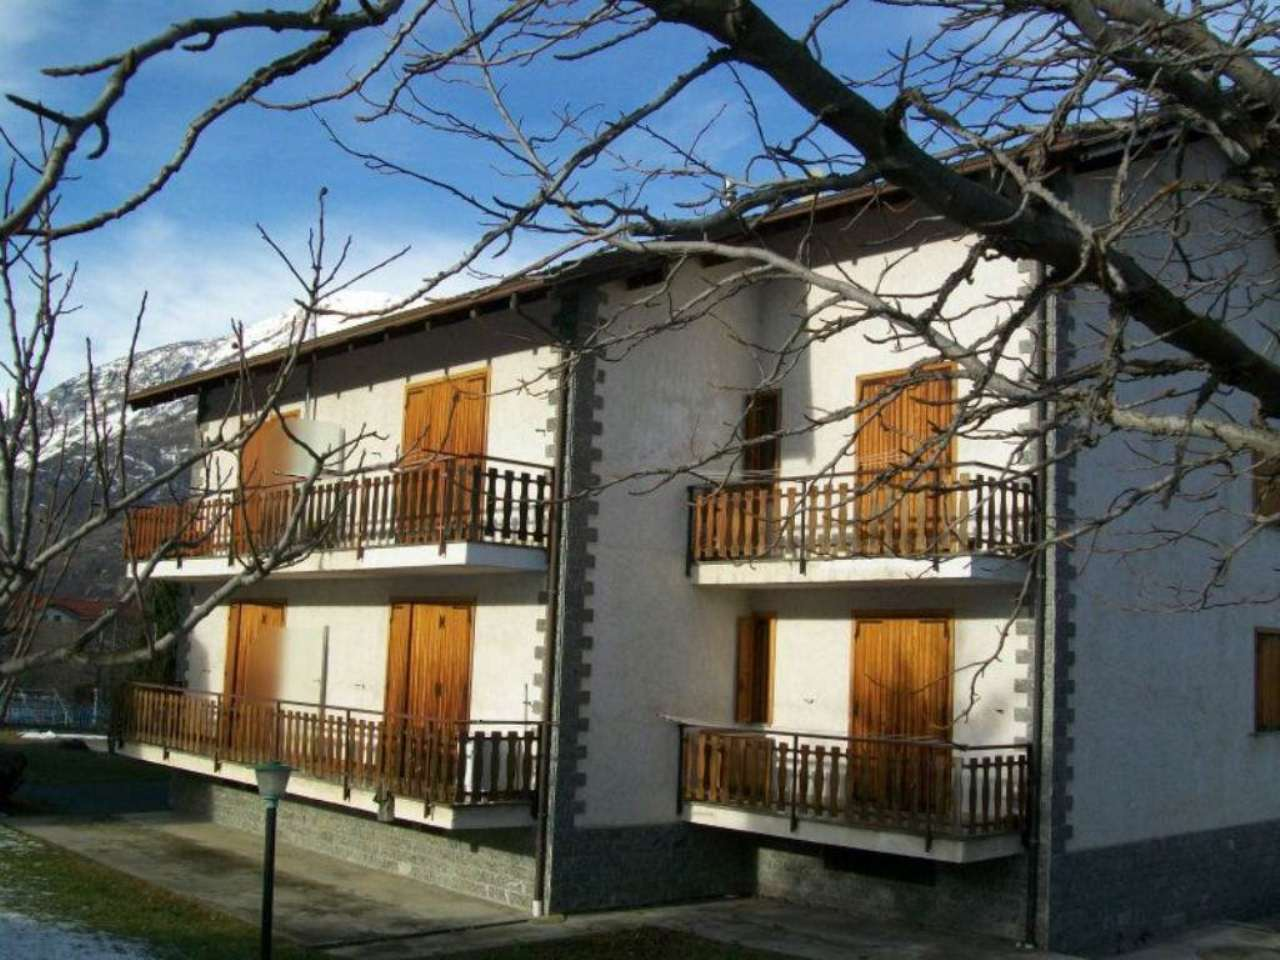 Appartamento in vendita a Gravere, 1 locali, prezzo € 29.000 | CambioCasa.it